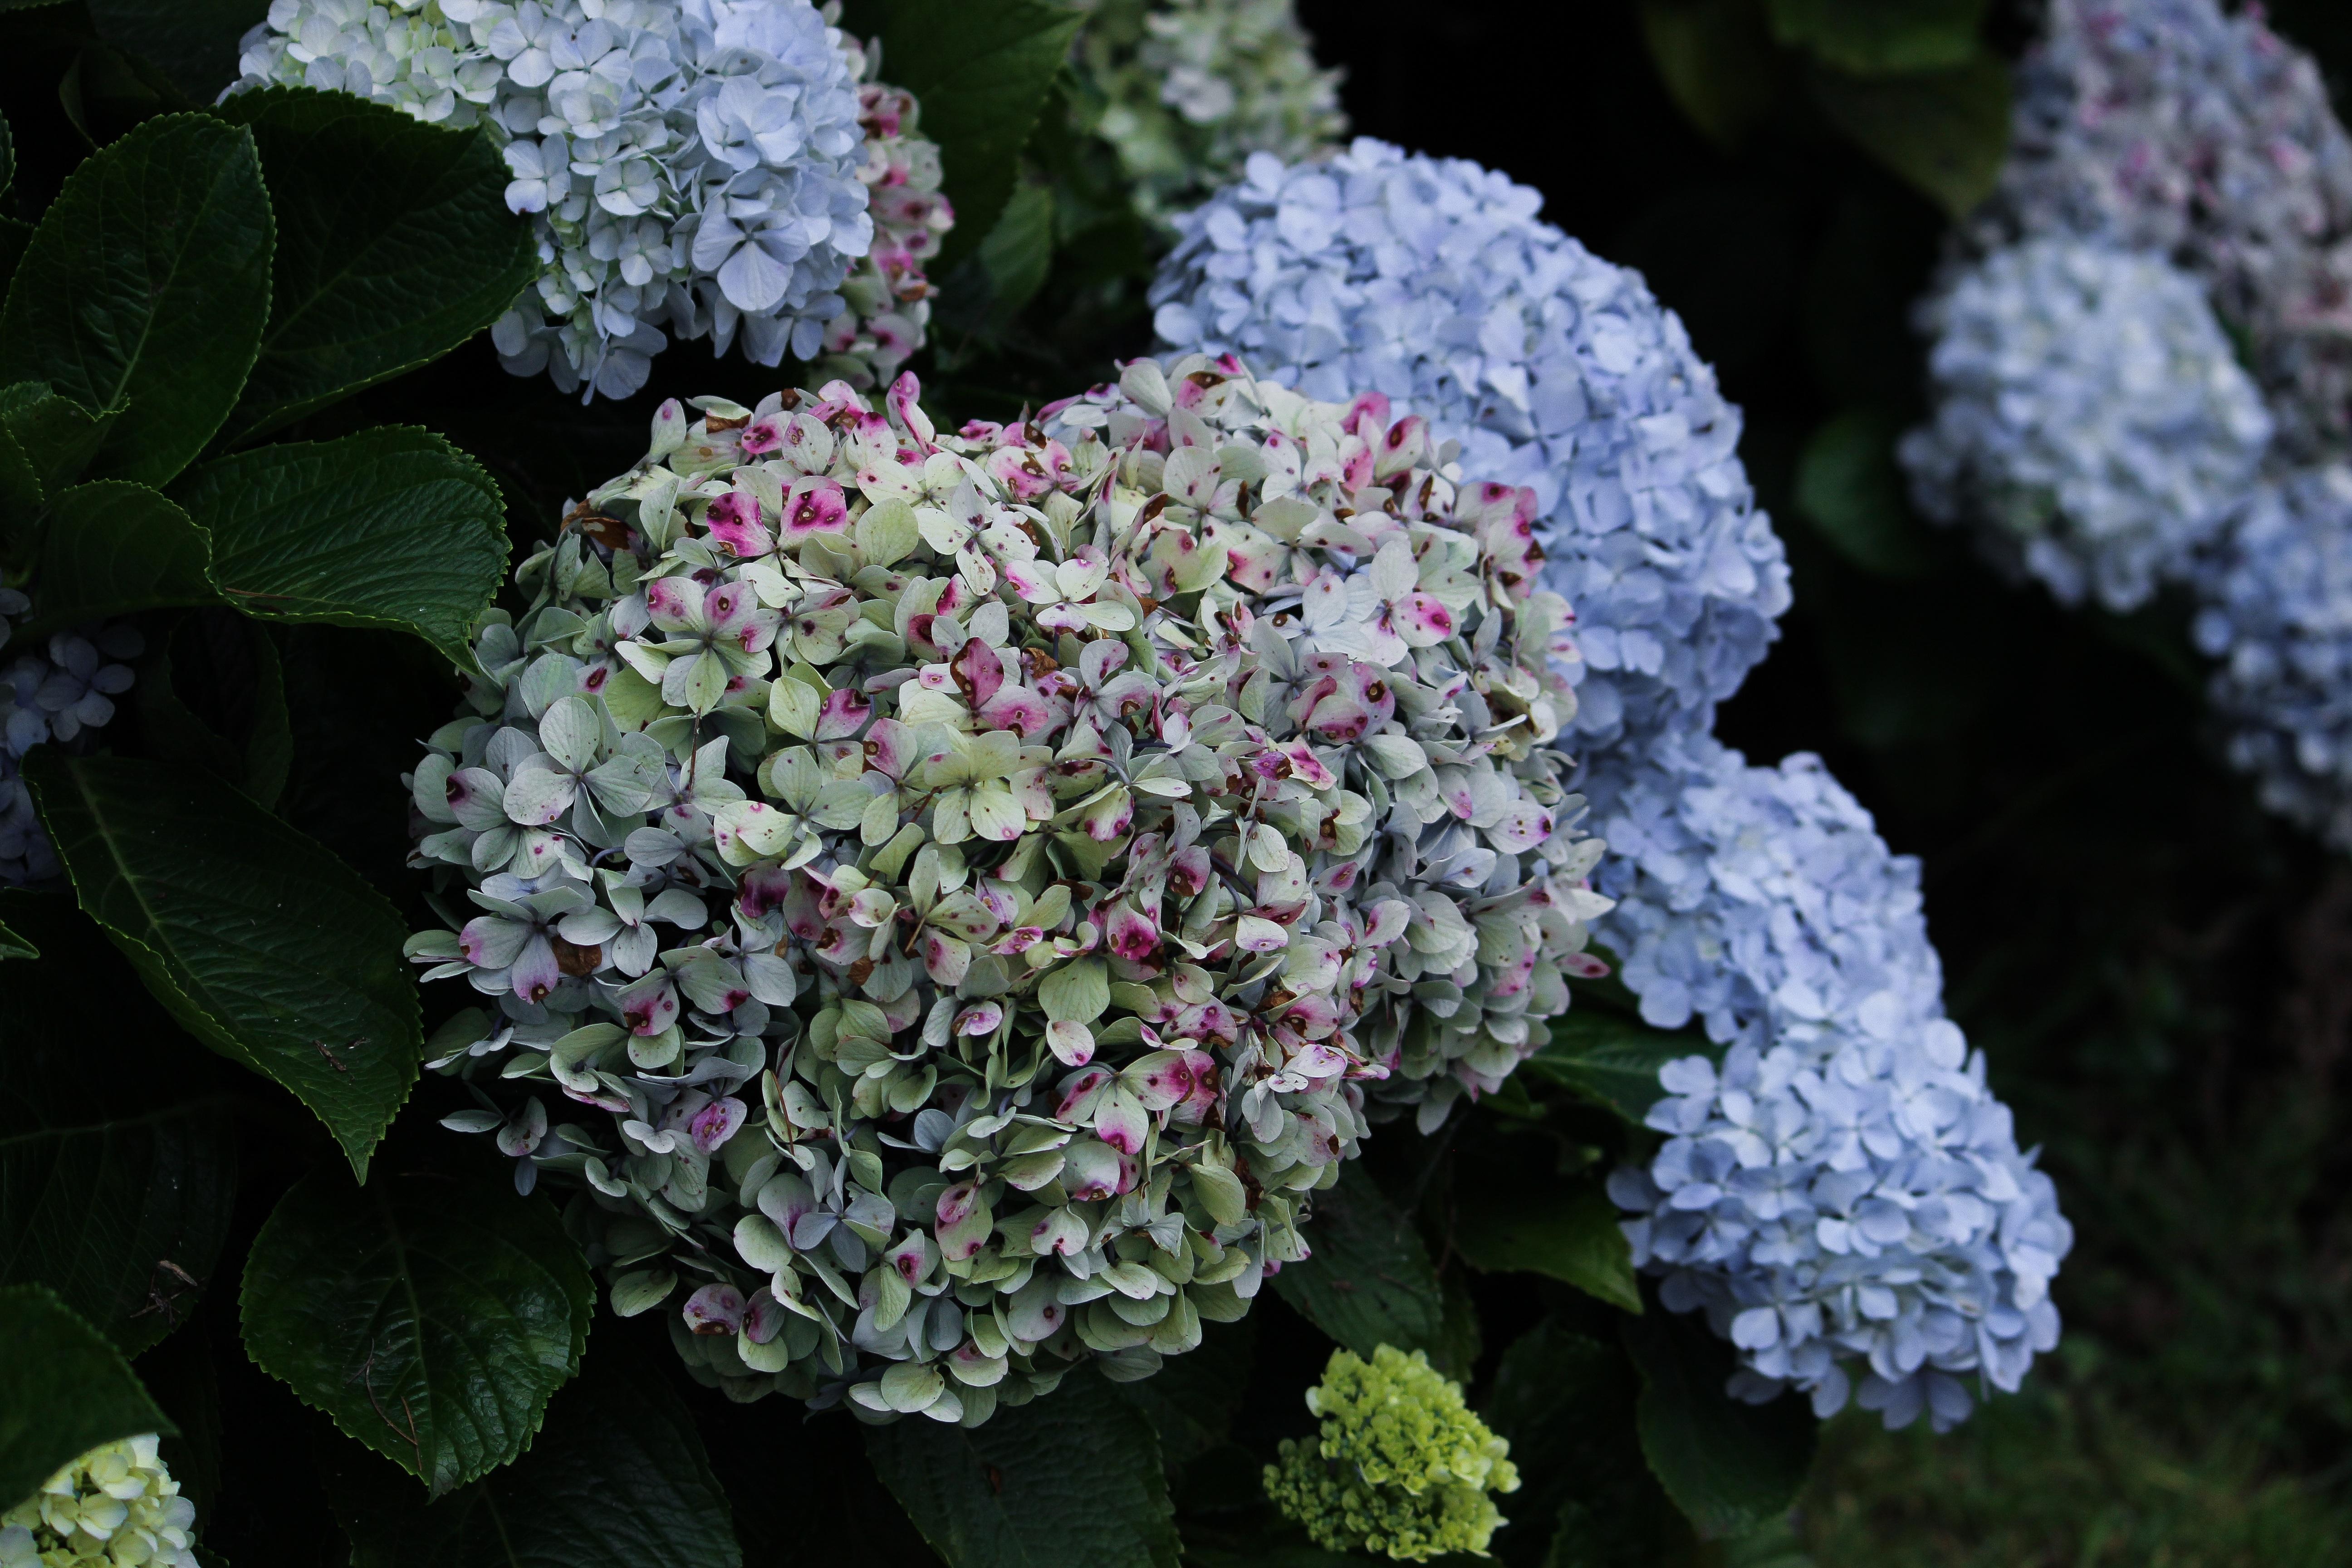 Fotoğraf Doğa Yaprak çiçek Taçyaprağı Yaz Doğal Botanik